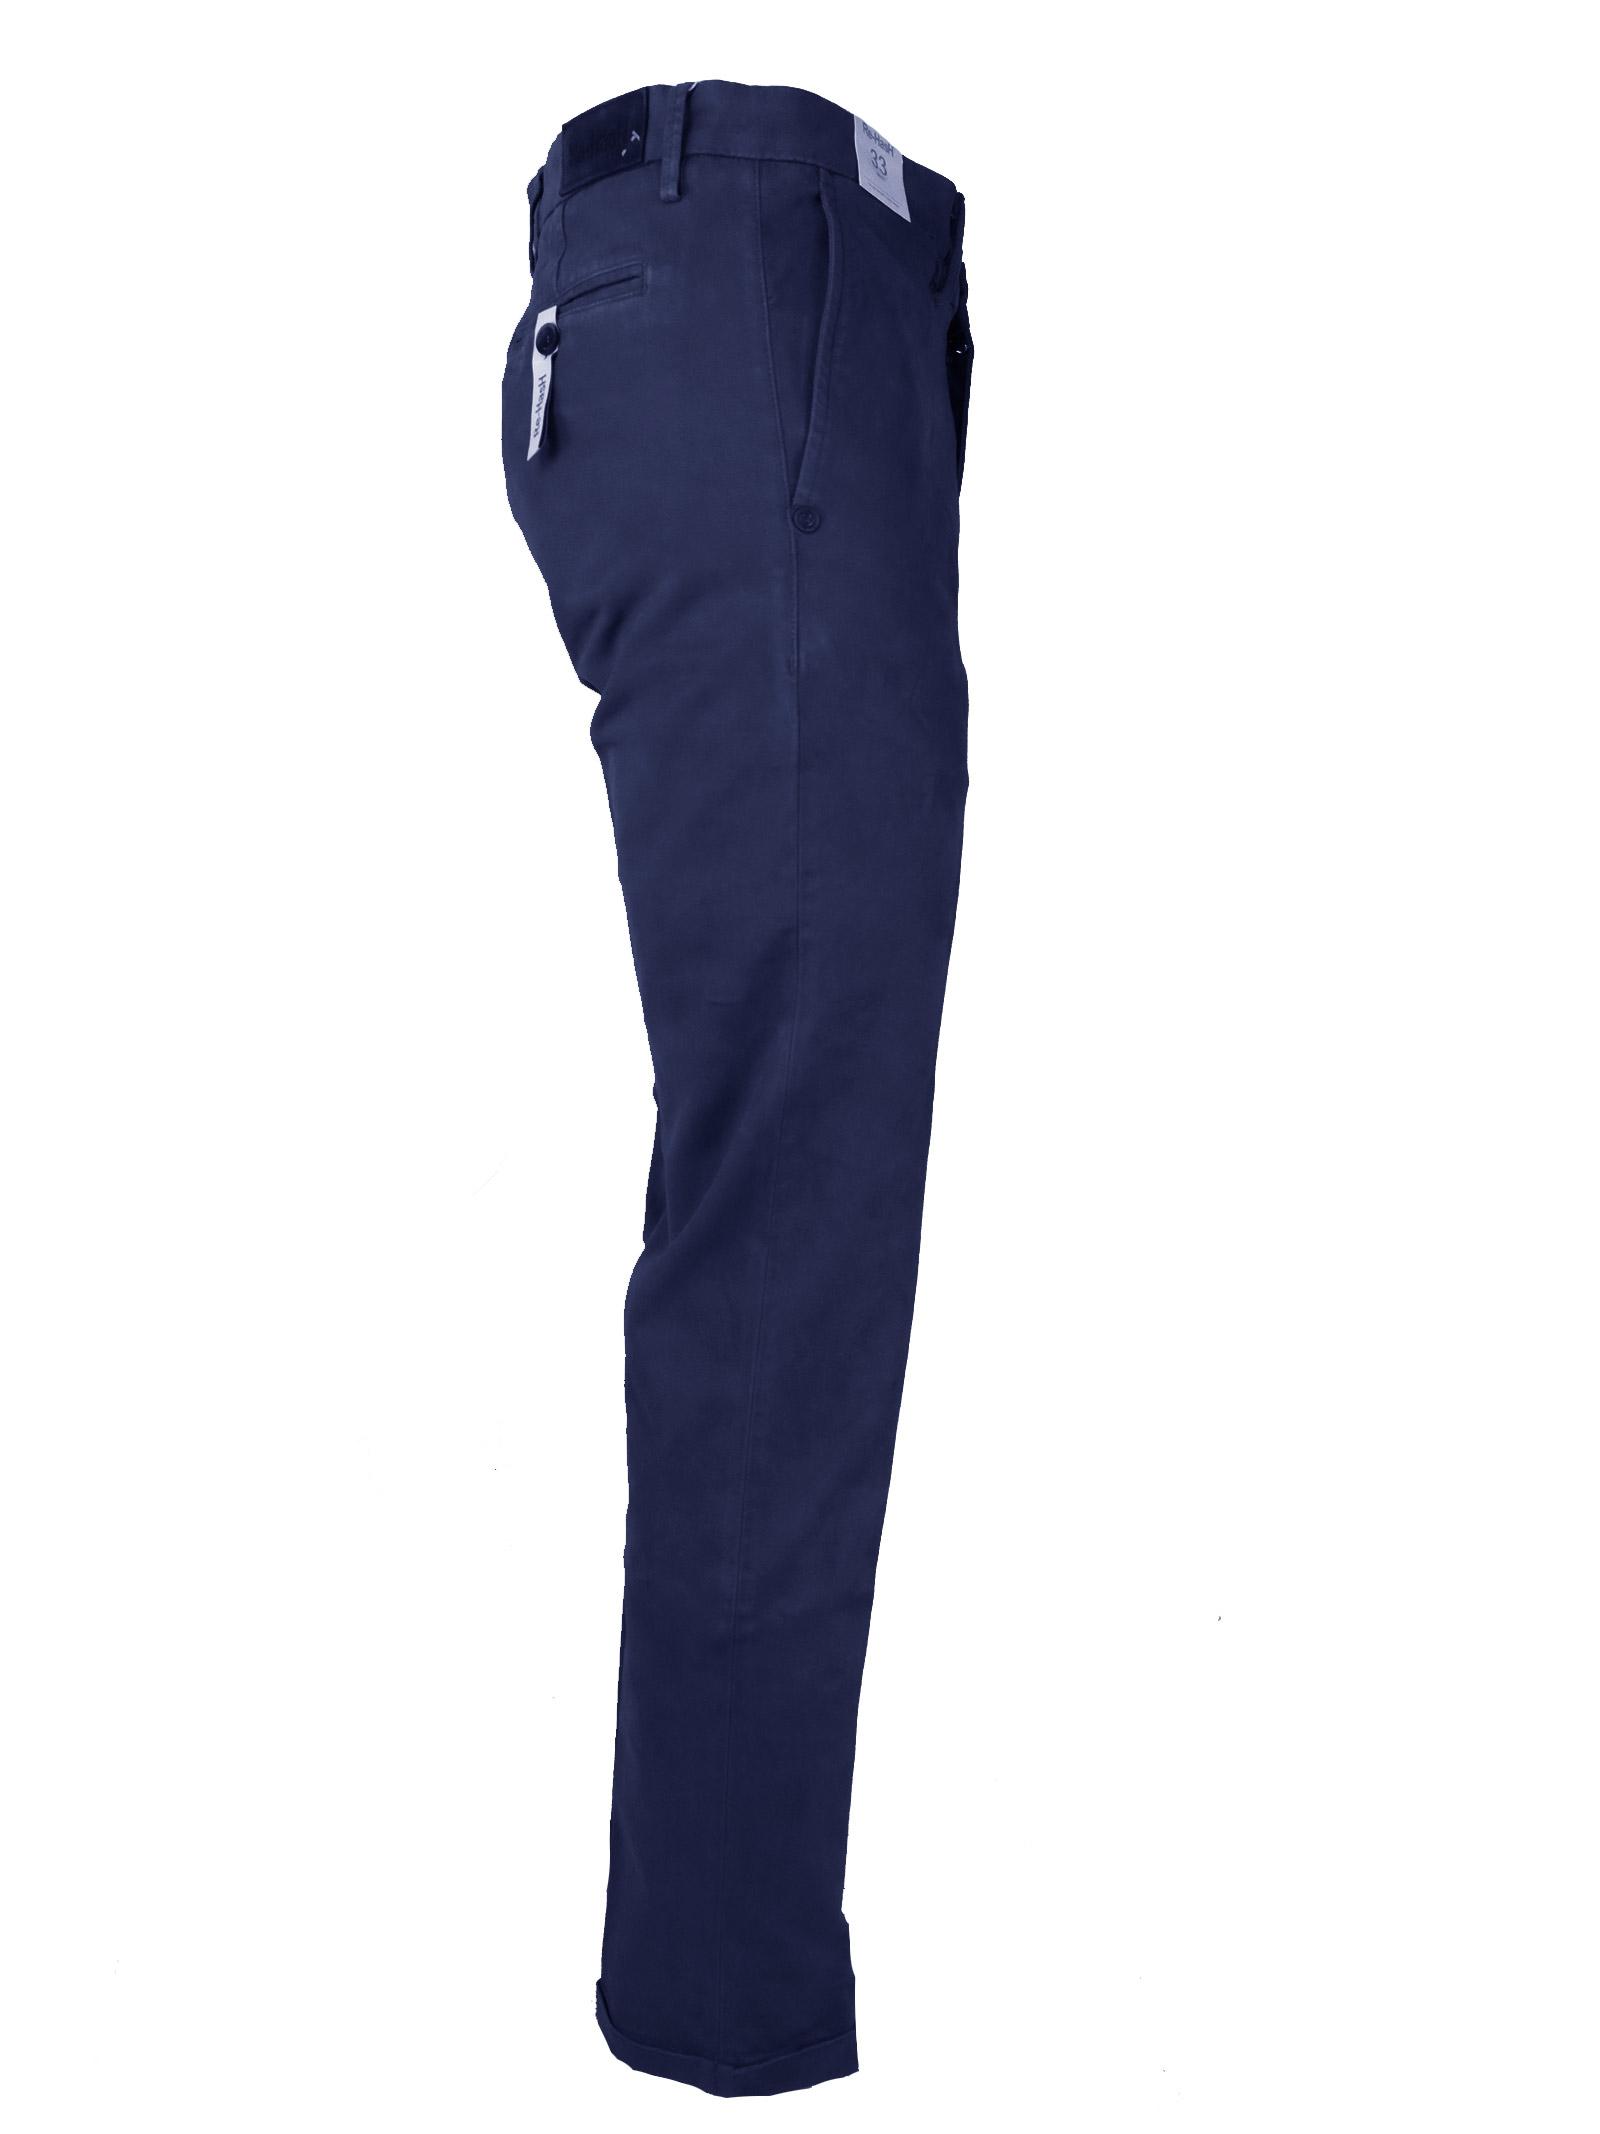 PANTALONI COTONE Re-HasH | Pantaloni | MUCHA 2076 BW58994002